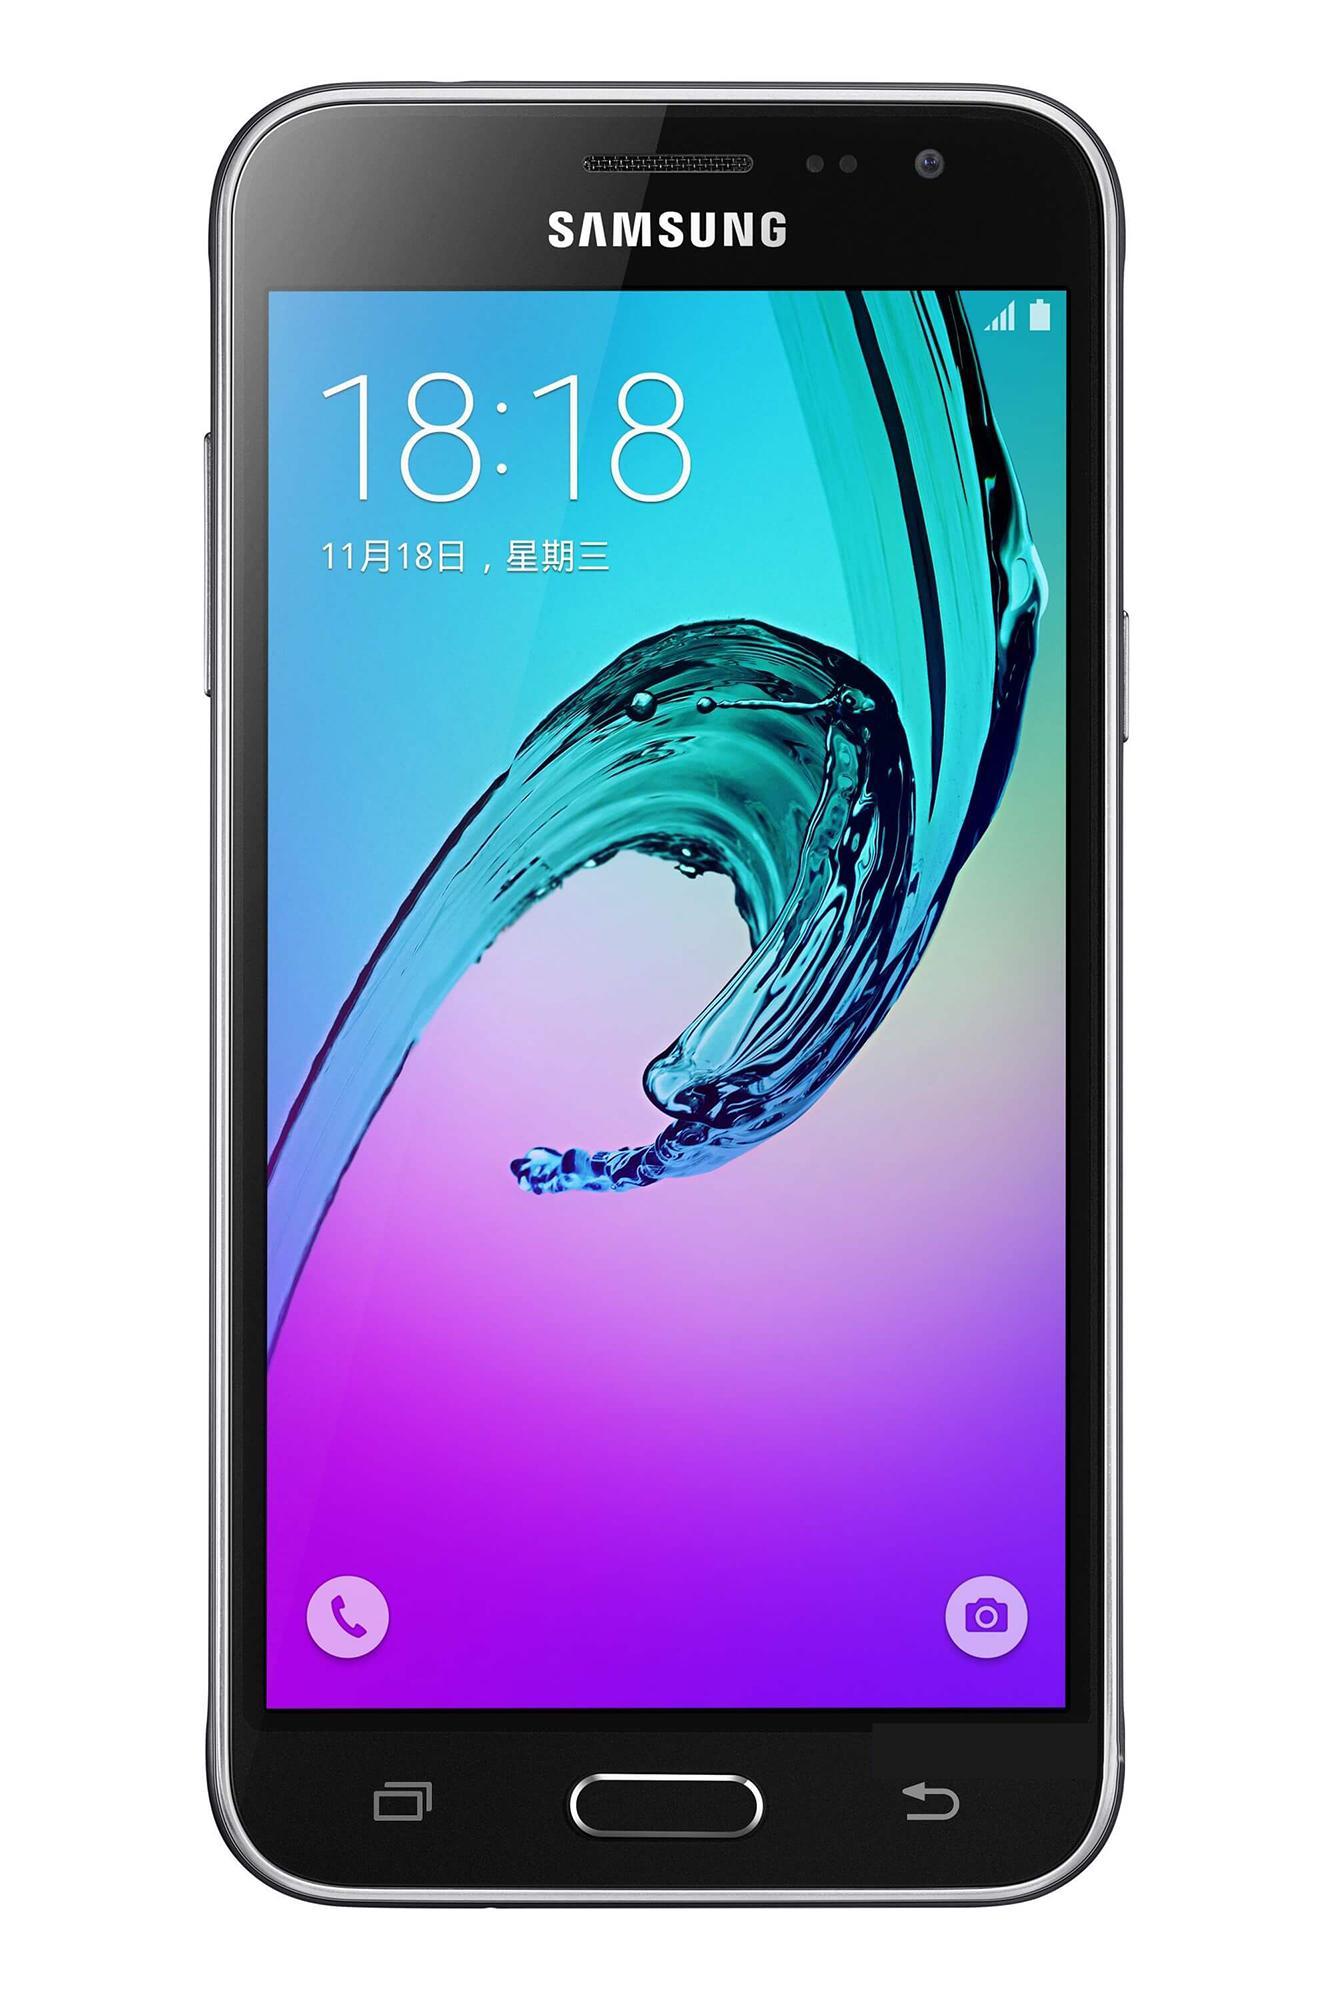 Samsung Galaxy J3 versión 2016 en color negro